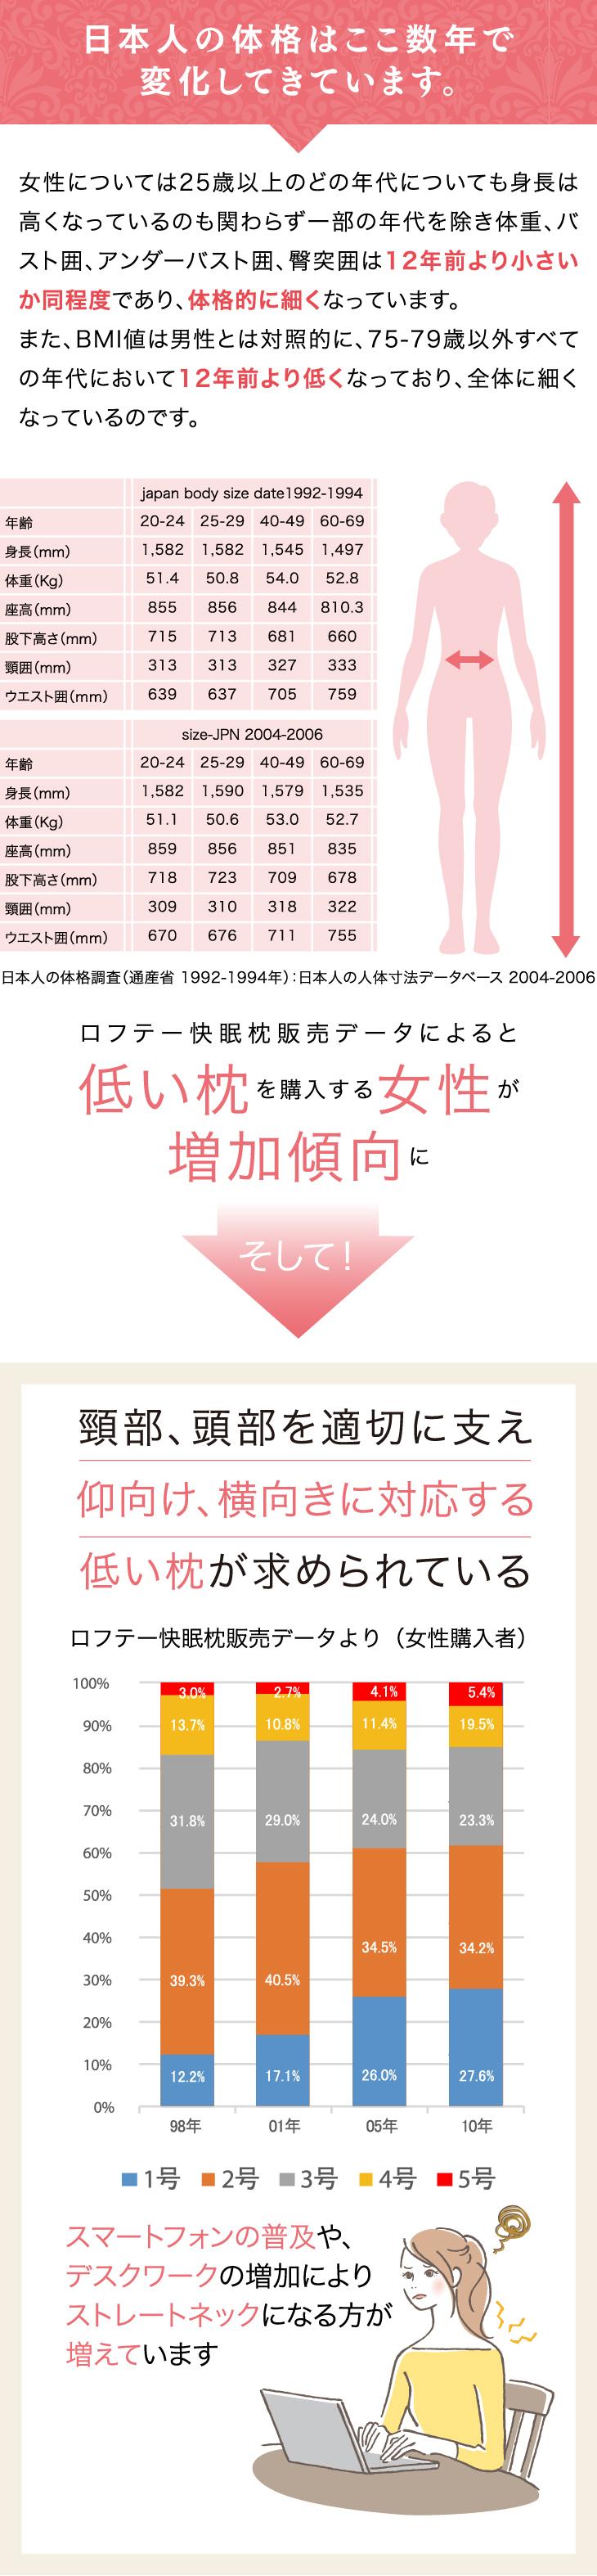 日本人の体格はここ数年で変化してきています。